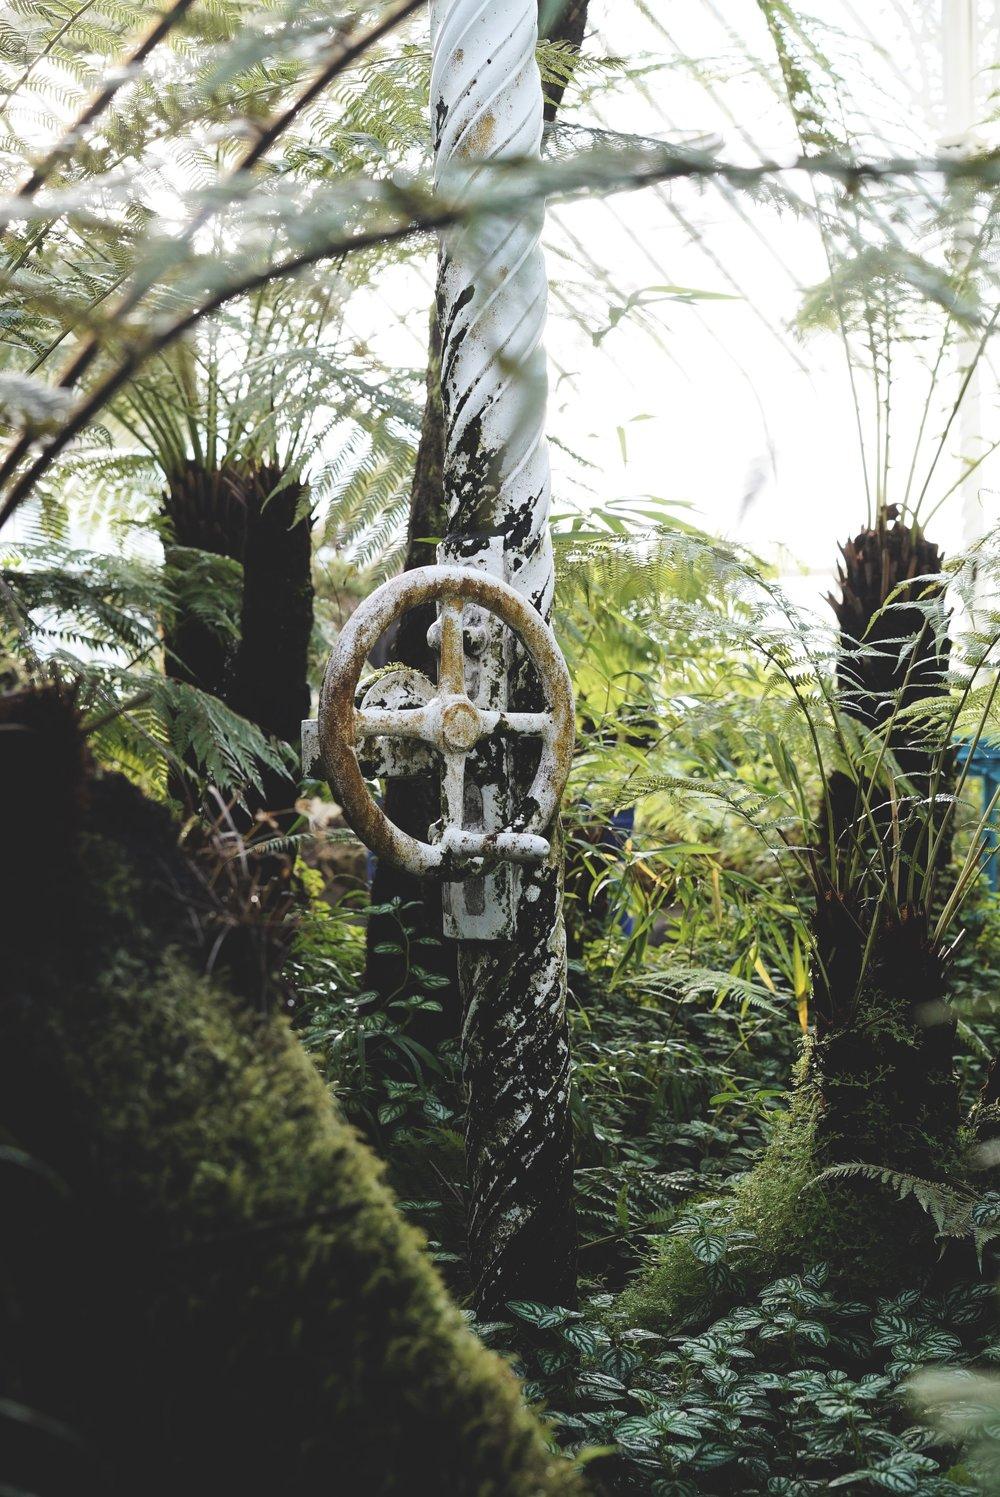 Glasgow Botanics Gardens